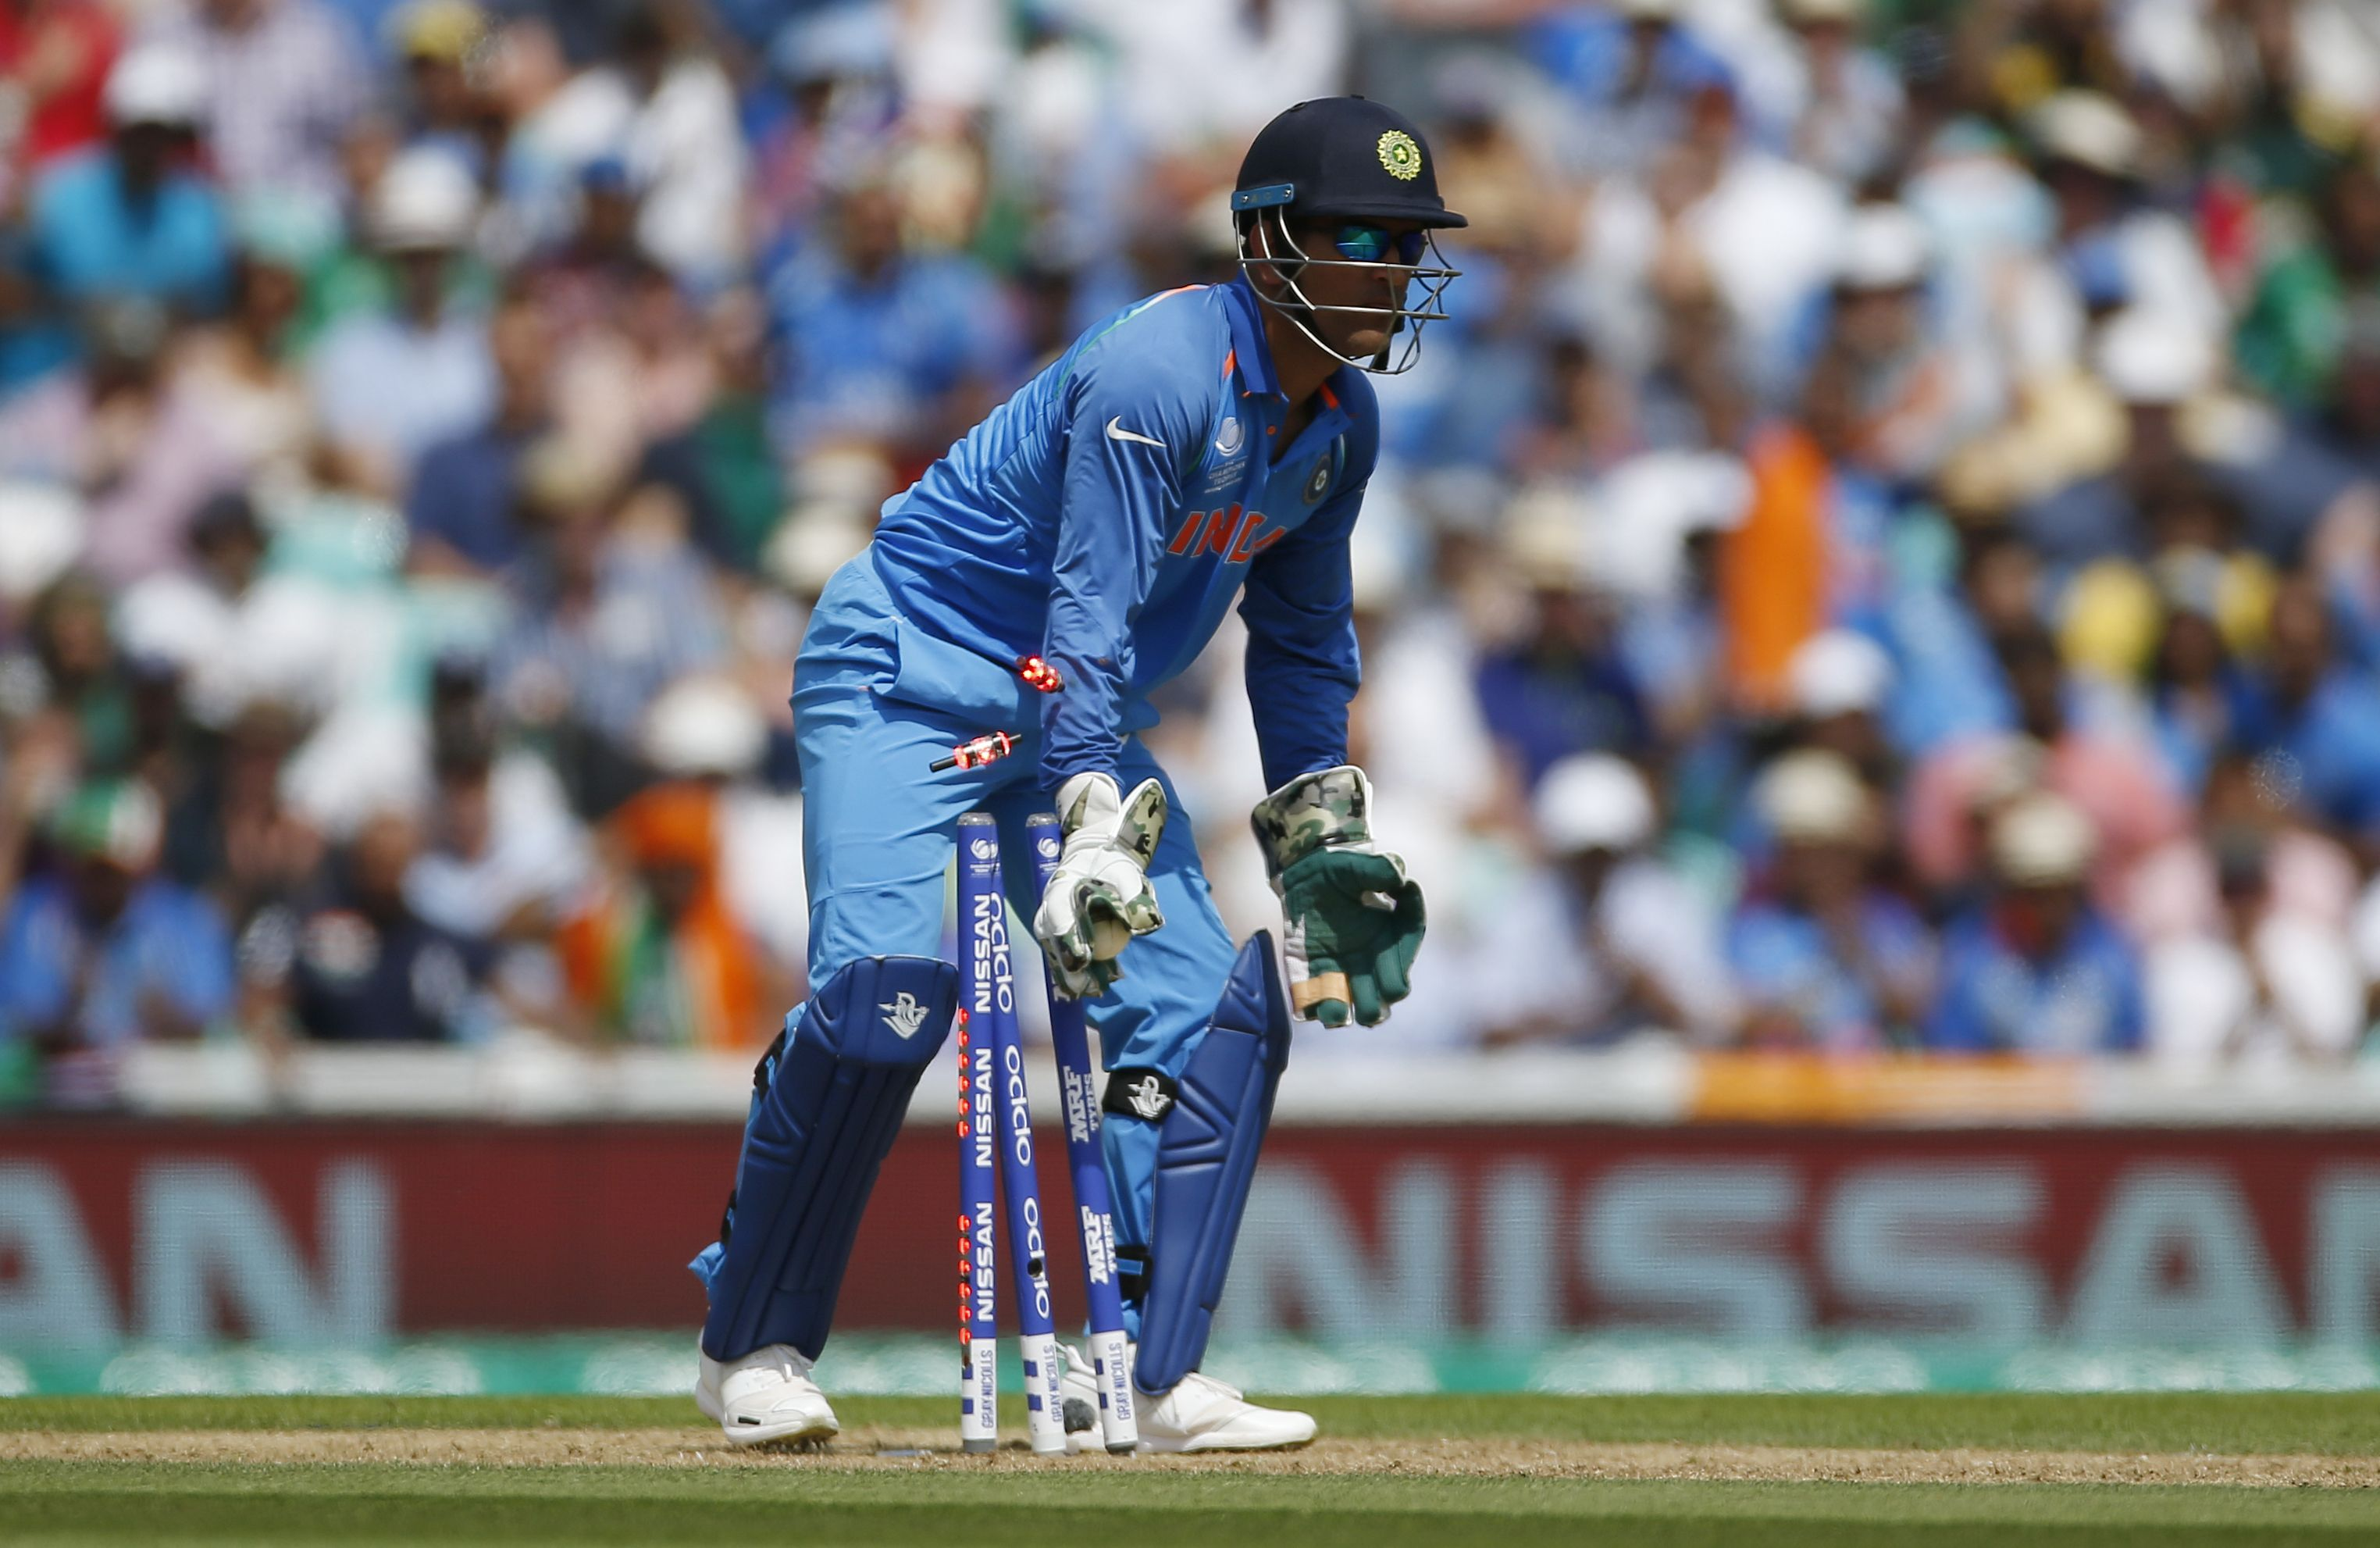 इस पूर्व दिग्गज ने कहा महेंद्र सिंह धोनी को करनी चाहिए पाकिस्तानी कप्तान सरफराज अहमद की मदद 4